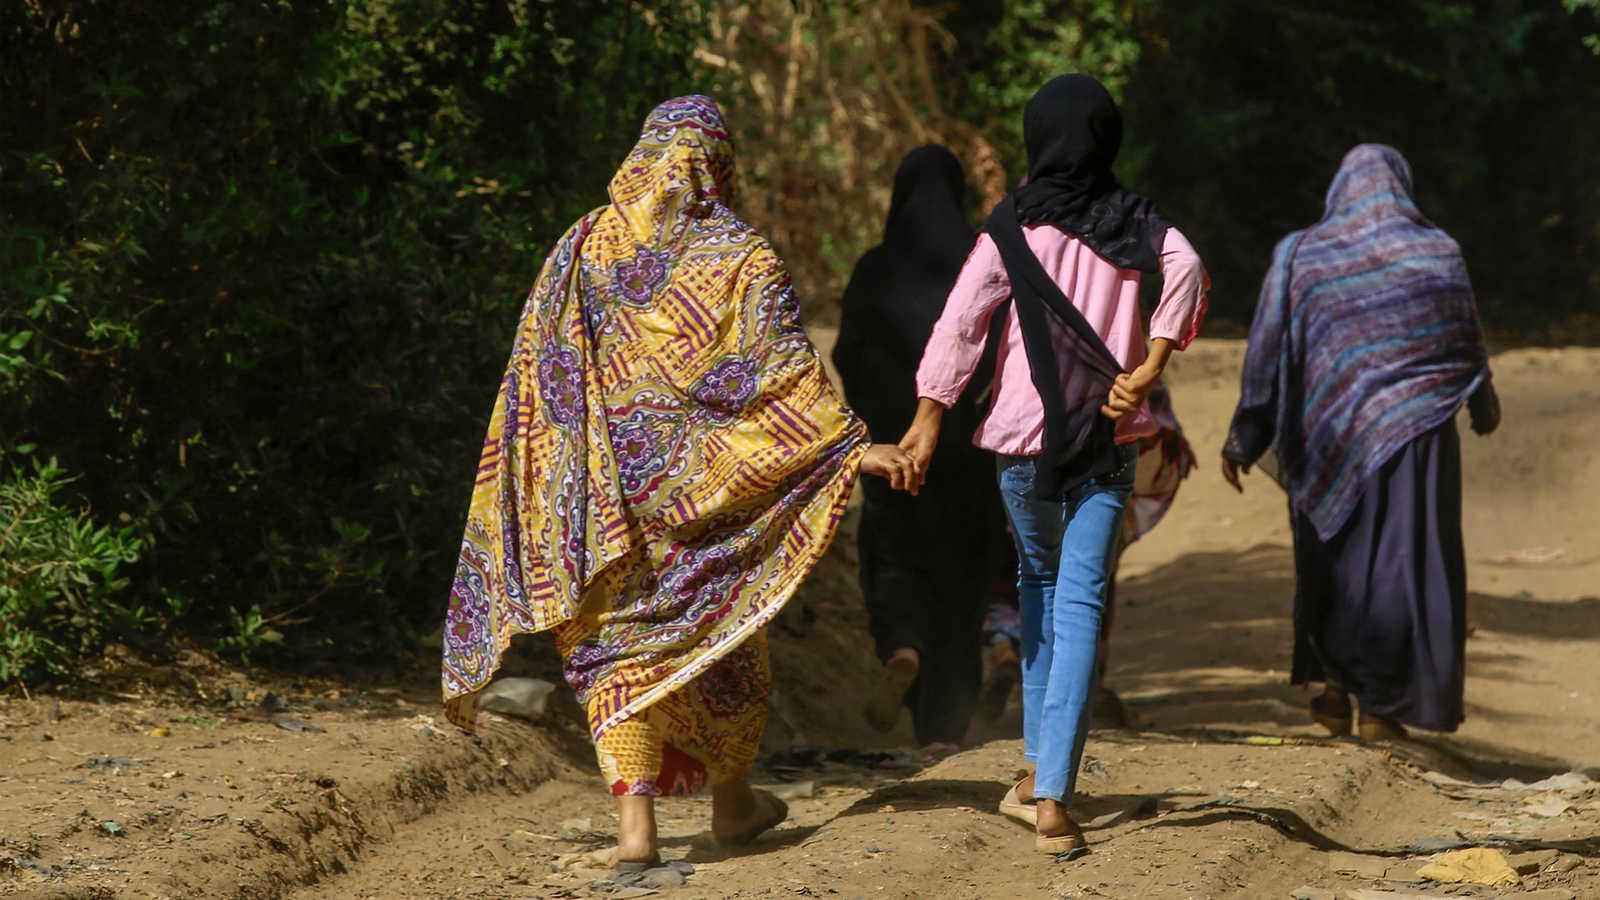 المرأة في دارفور السودانية ضحية العنف الذي خلفه الحرب (أ ف ب)